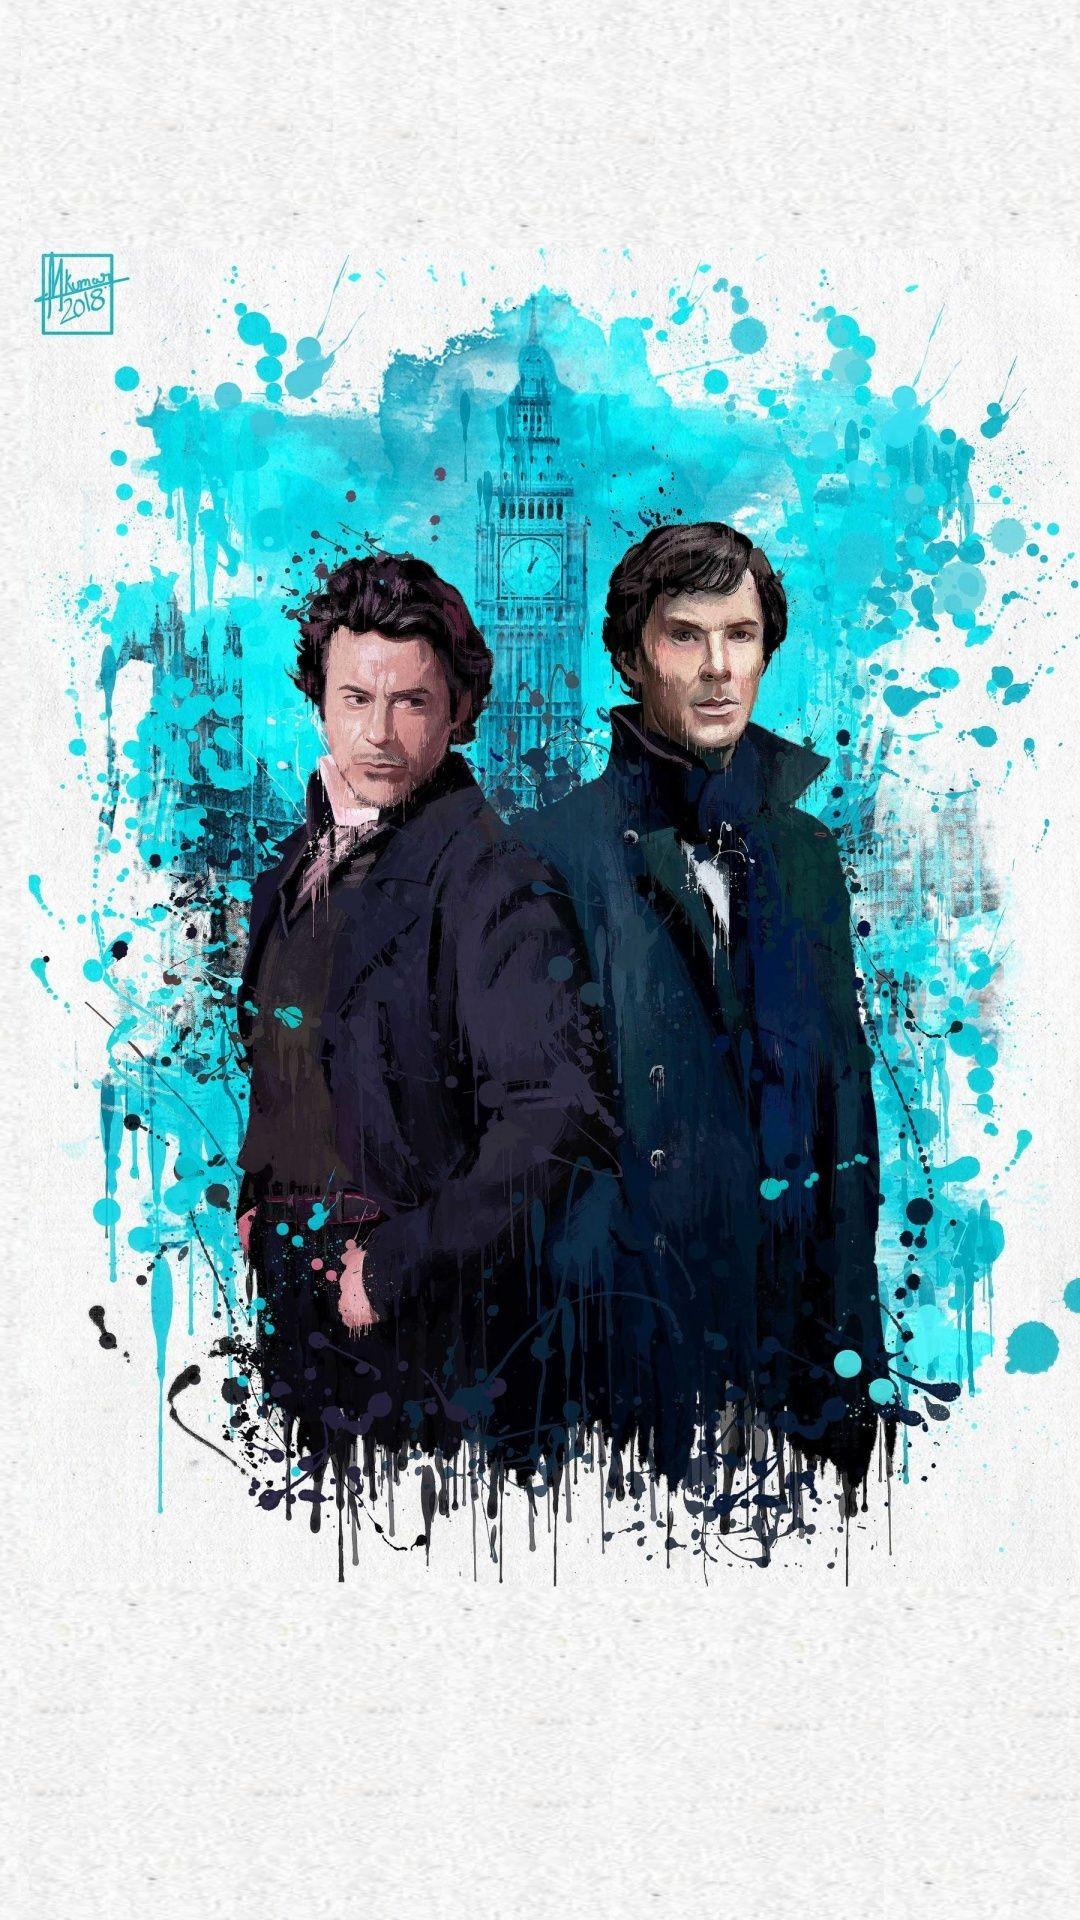 Sherlock Holmes Wallpaper Sherlock Holmes Robert Downey Jr 3134156 Hd Wallpaper Backgrounds Download